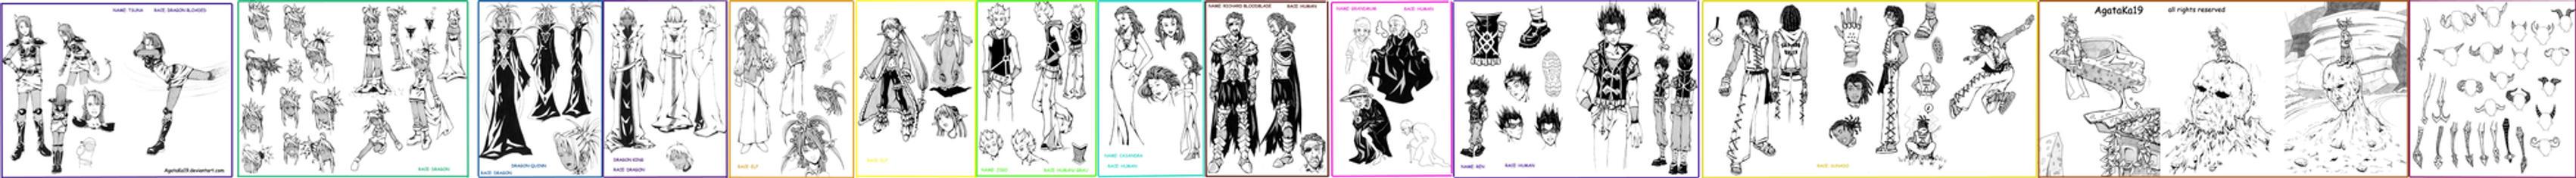 manga characters by AgataKa19